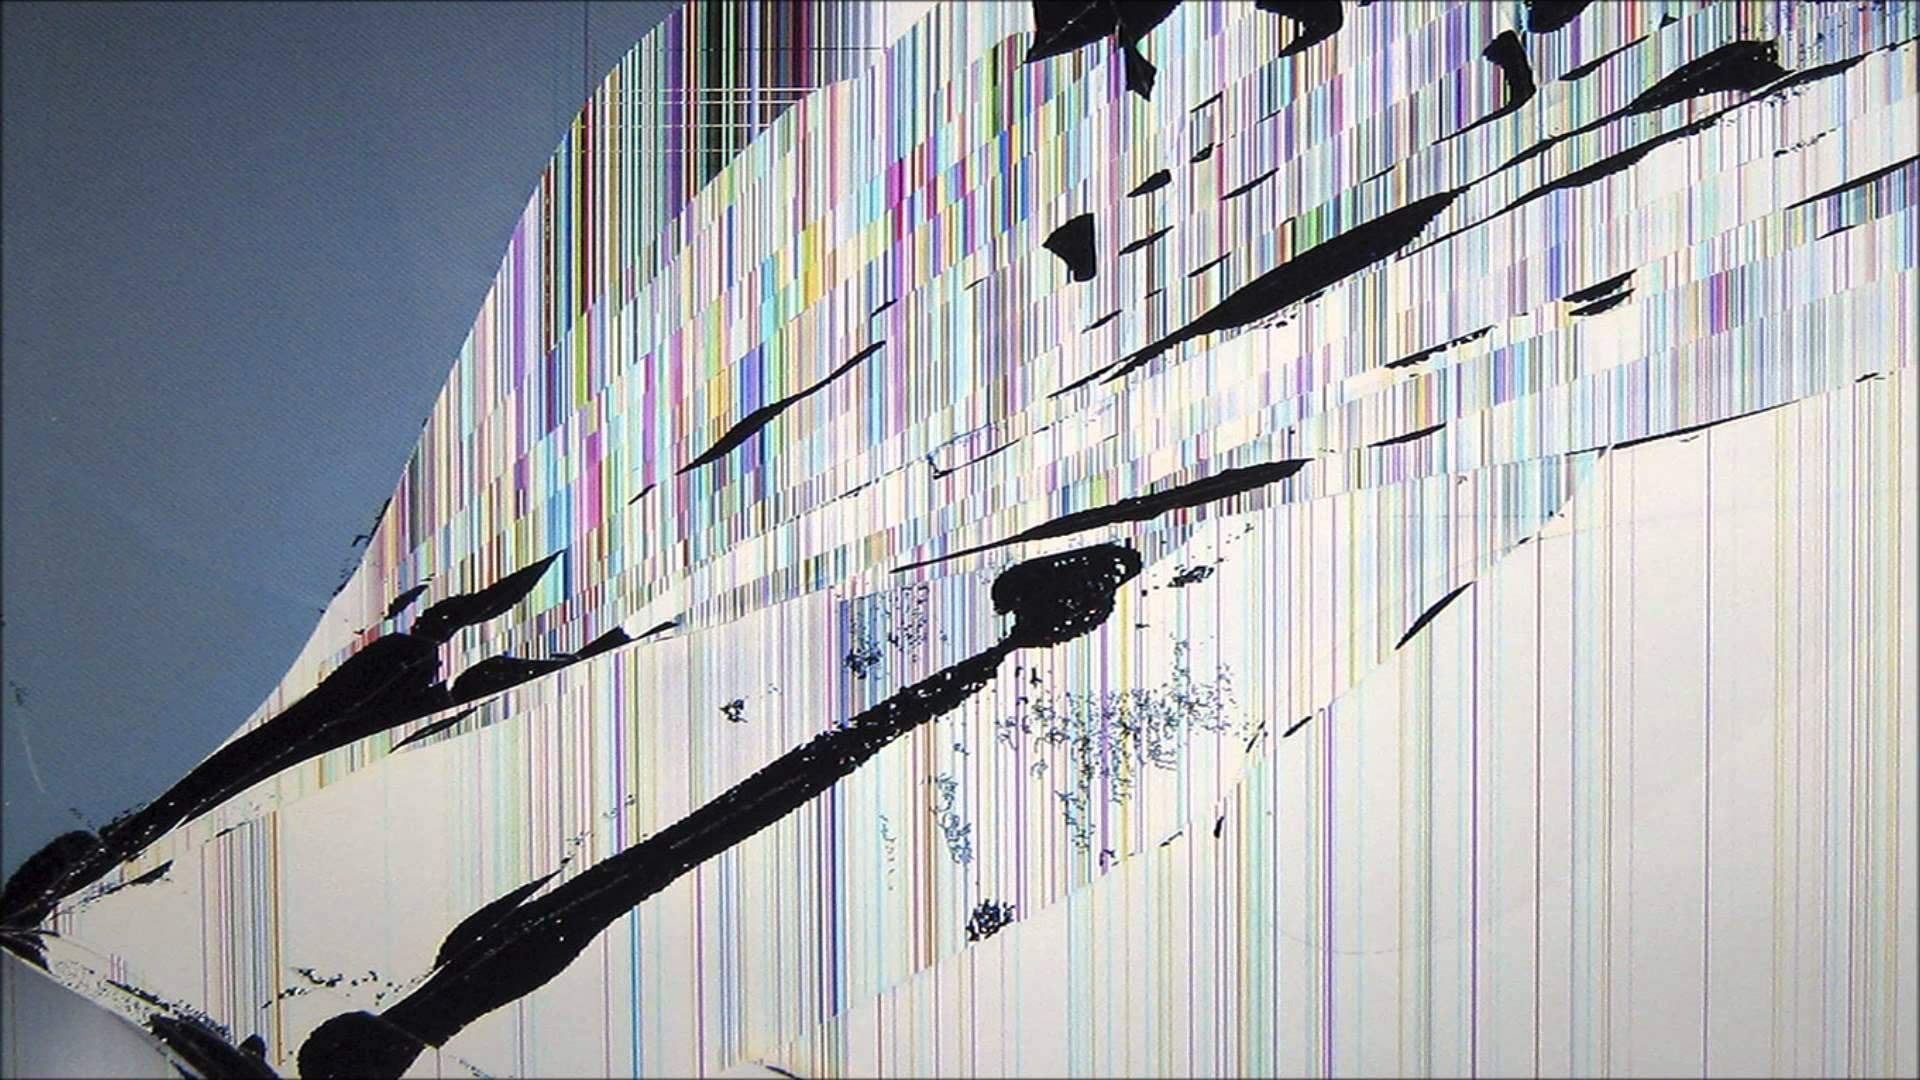 фотографии разбитый экран длины миди уместно